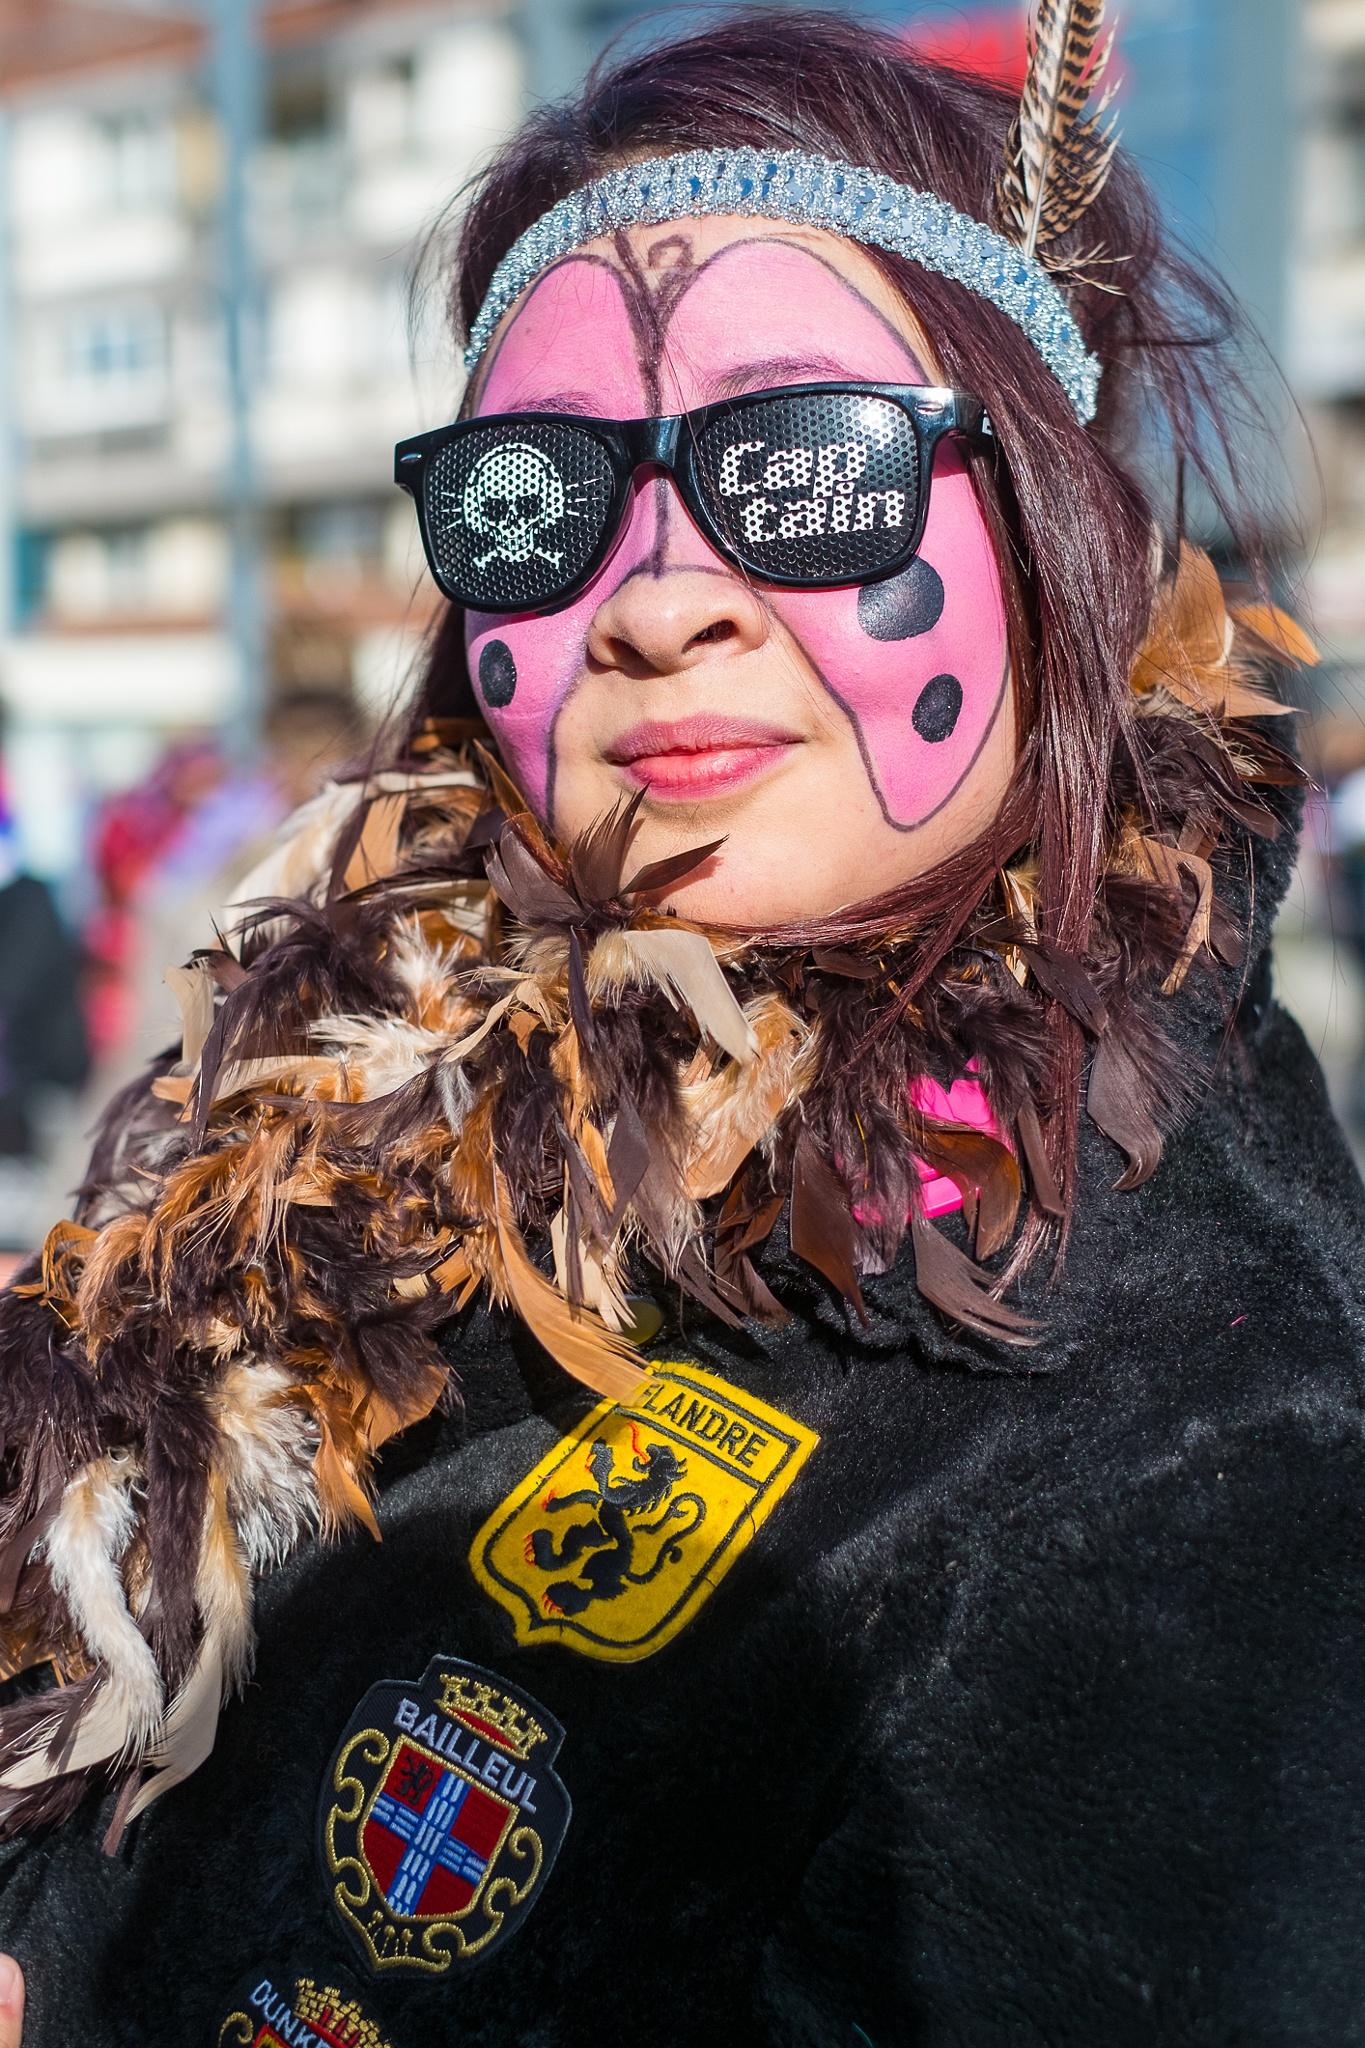 La belle du Carnaval.. by photosdan